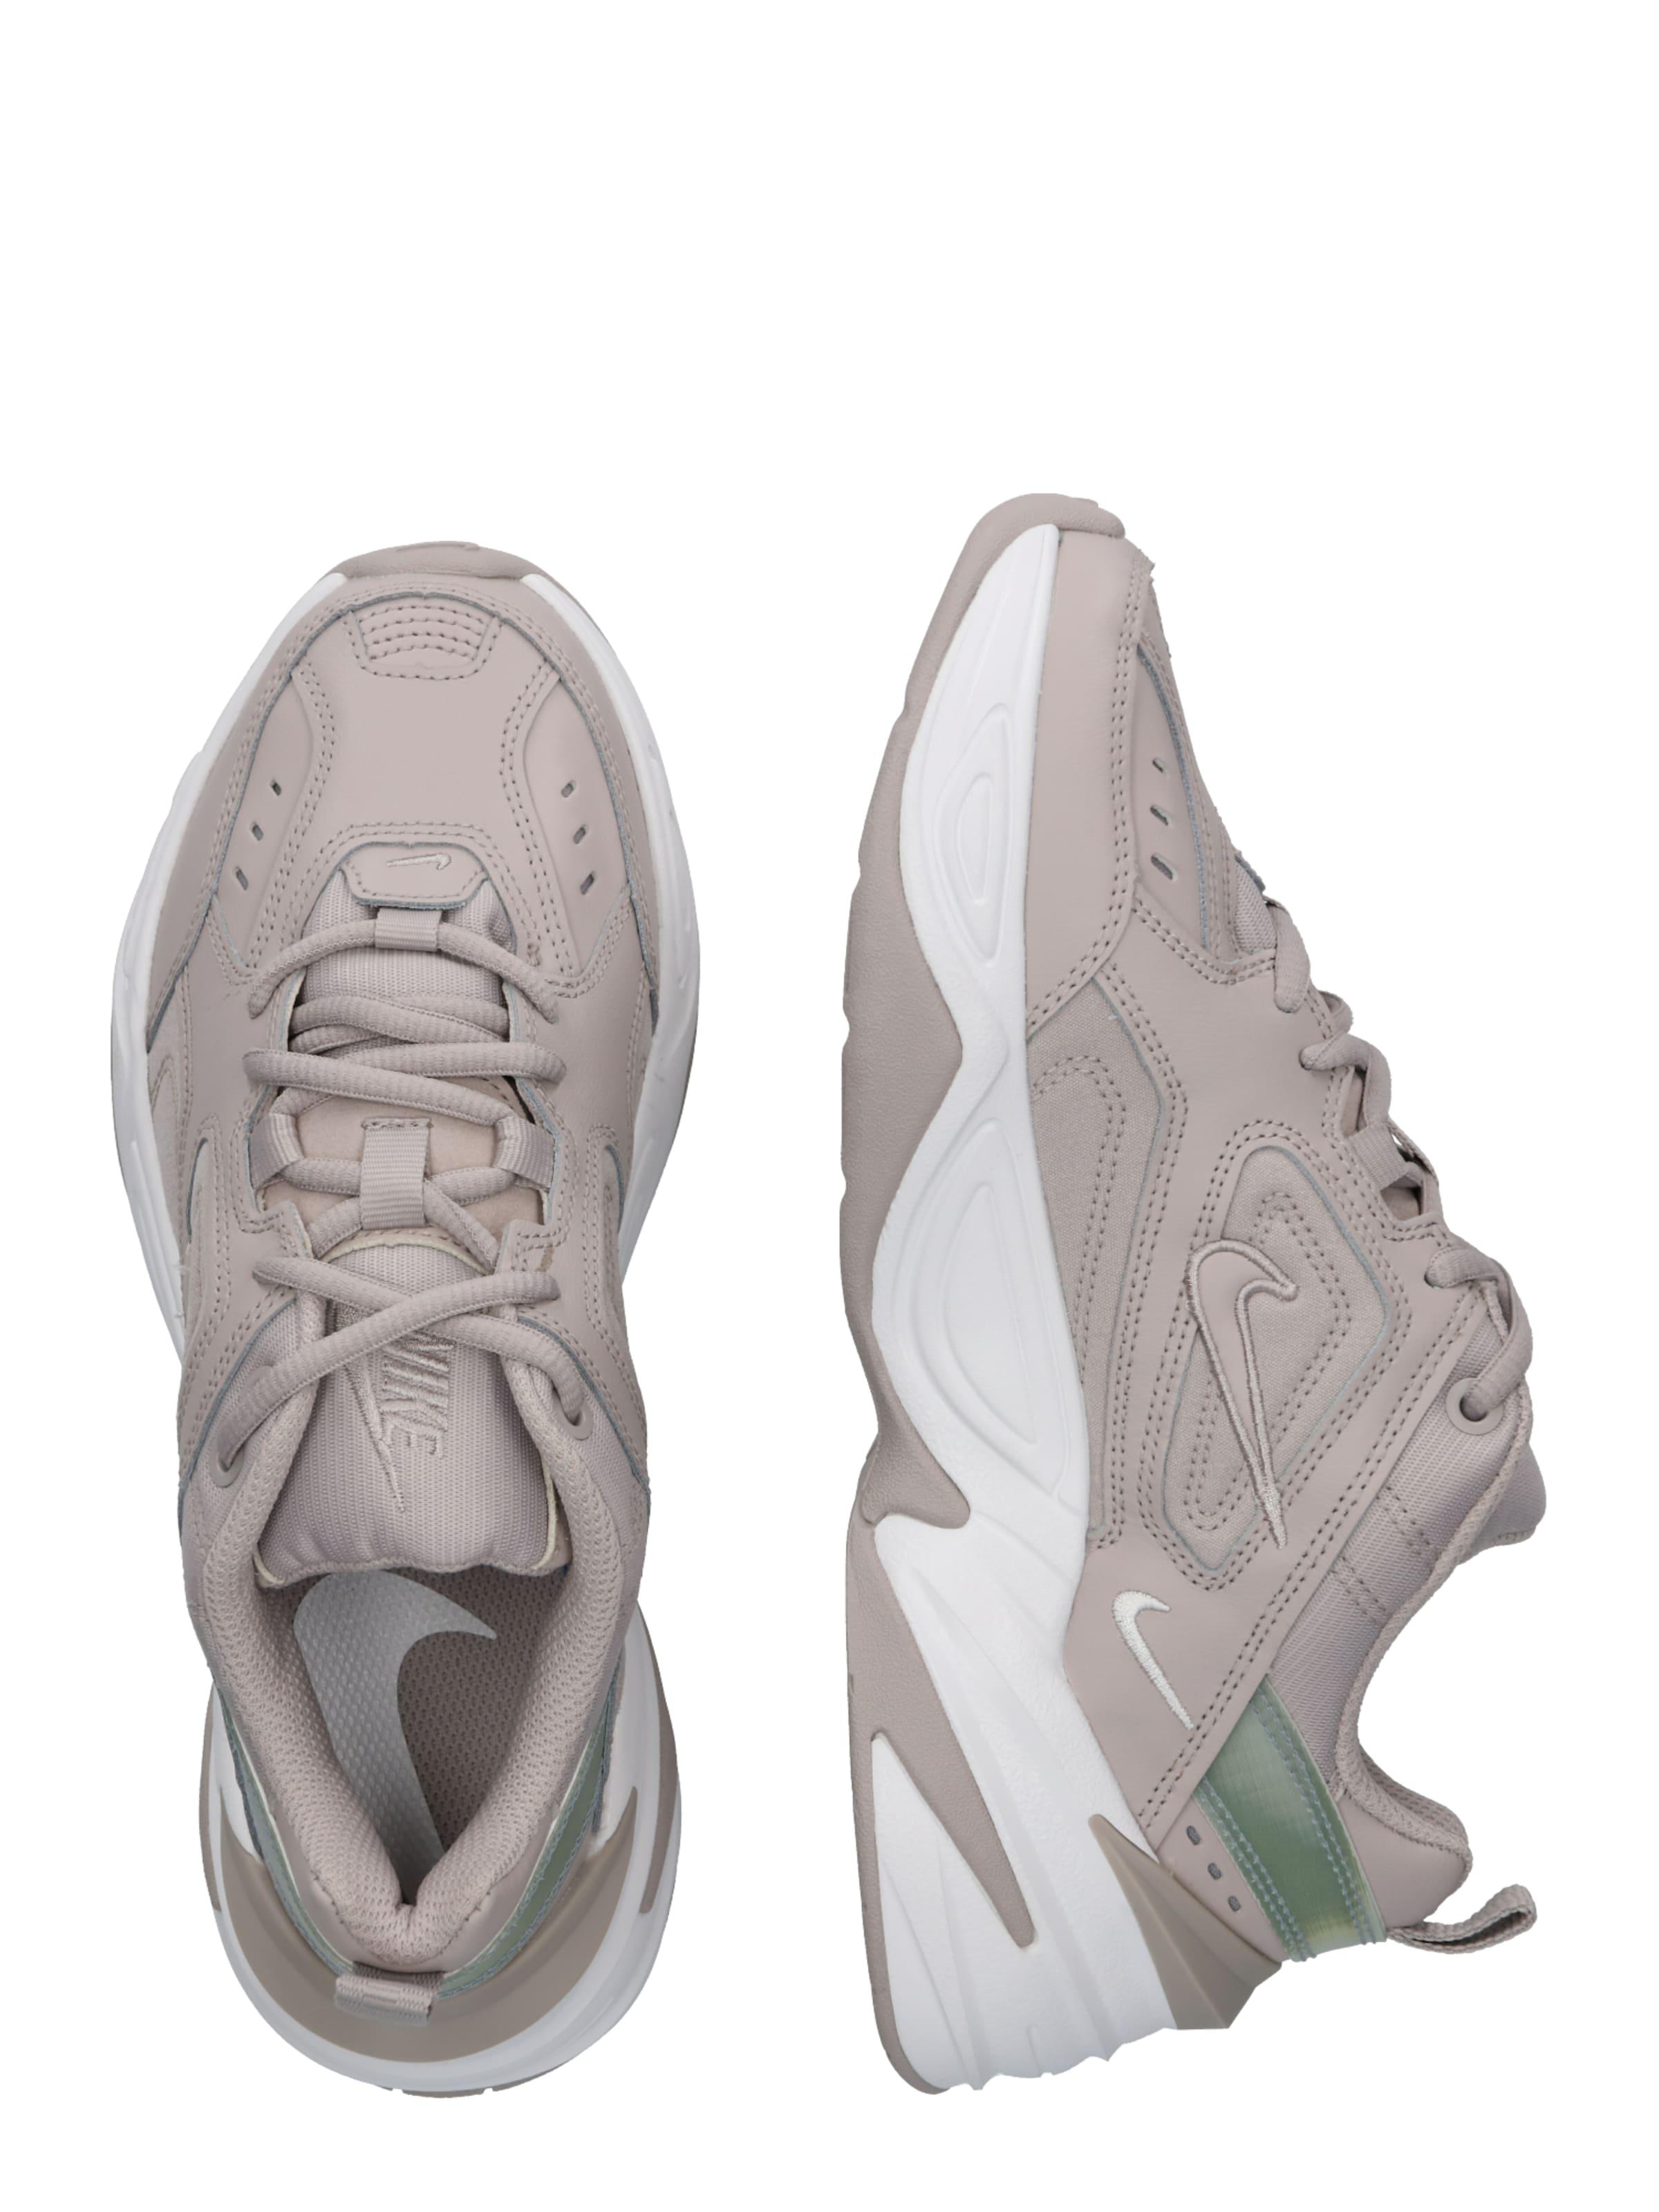 ClairBlanc Nike 'm2k Sportswear Tekno' Gris Baskets Basses En w8n0kZNOPX